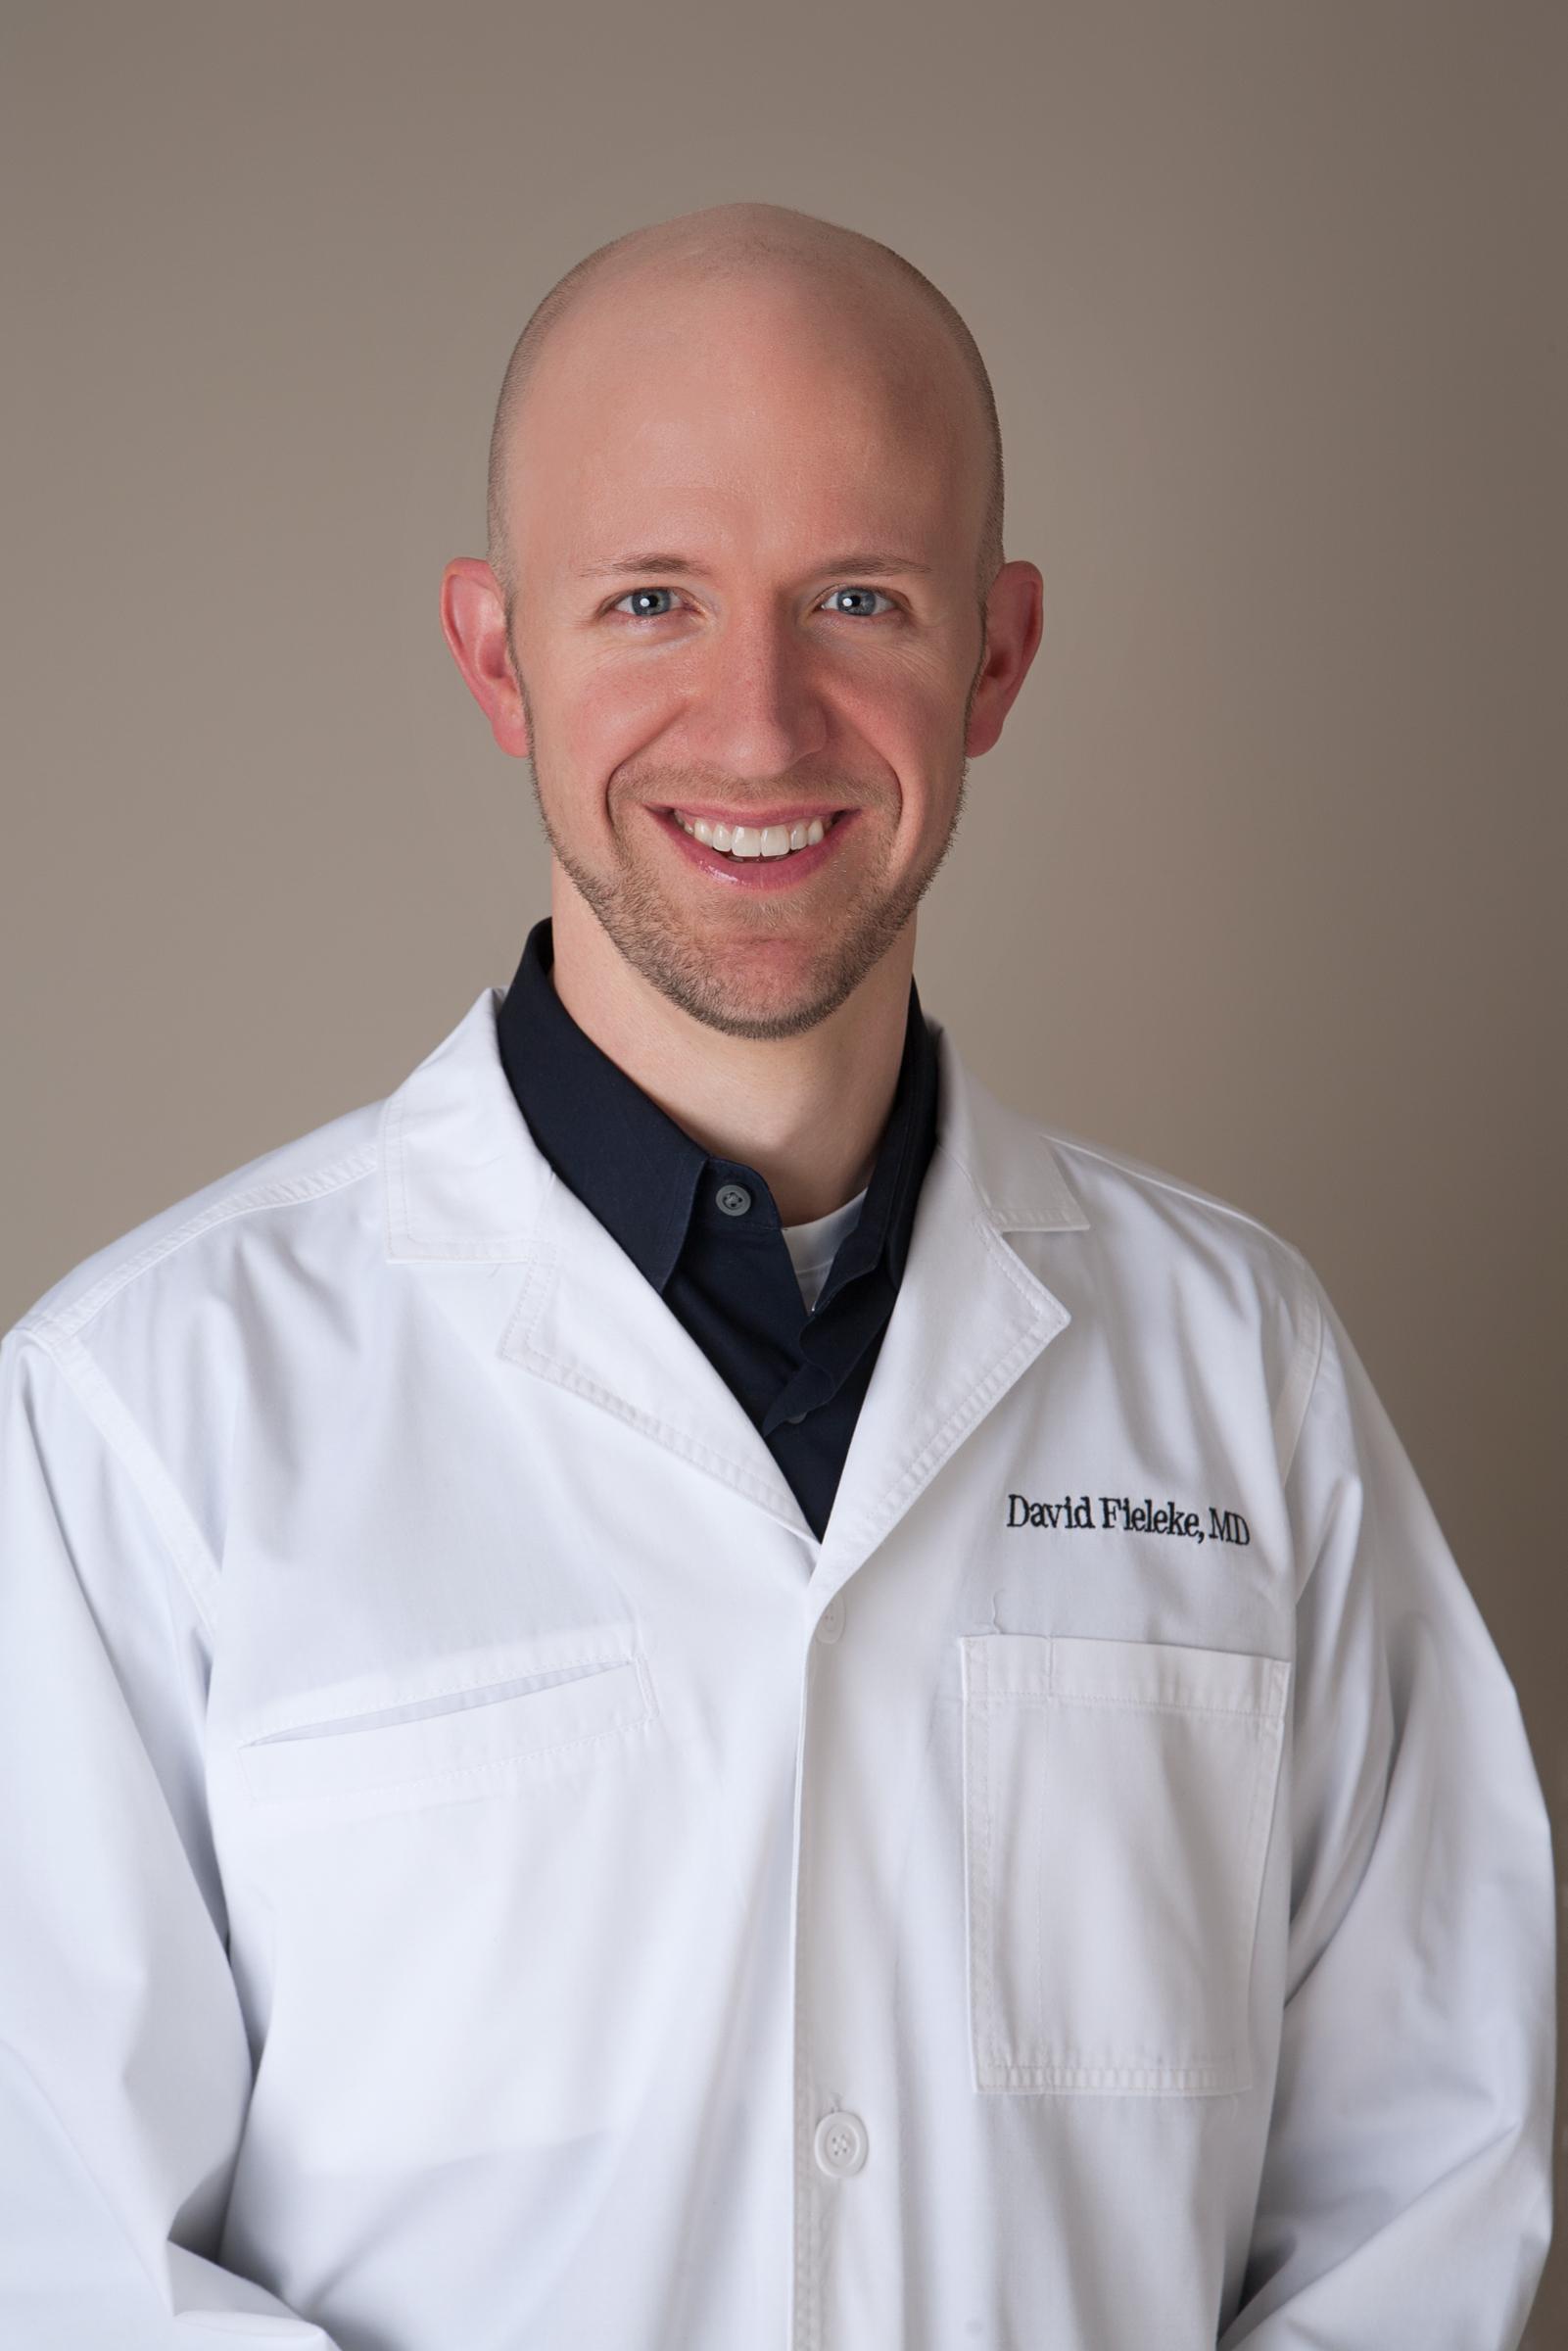 photo of Dr. David Fieleke, MD, board-certified dermatologist